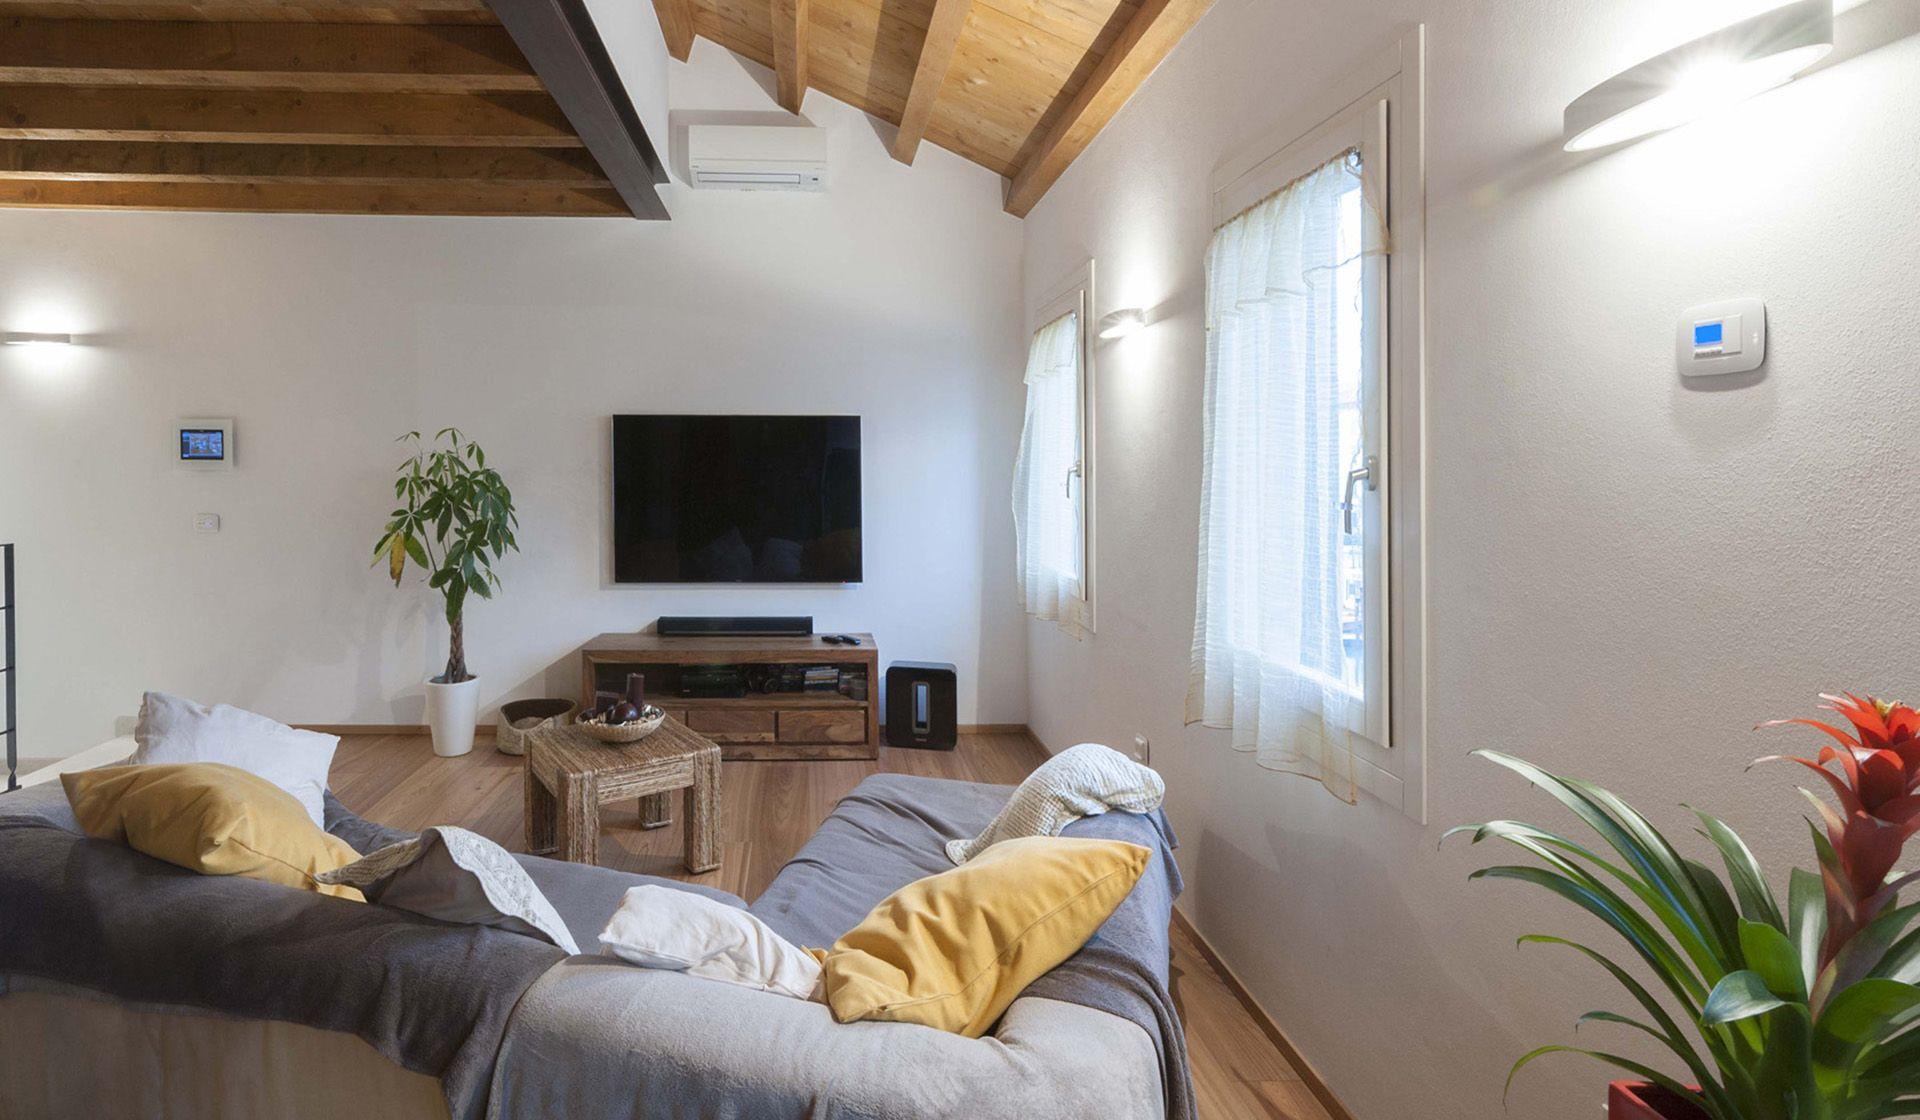 Vimar referenza a Venezia con la serie Arké esempio installazione domotica con il multimedia video touch screen e cronotermostato nella zona living